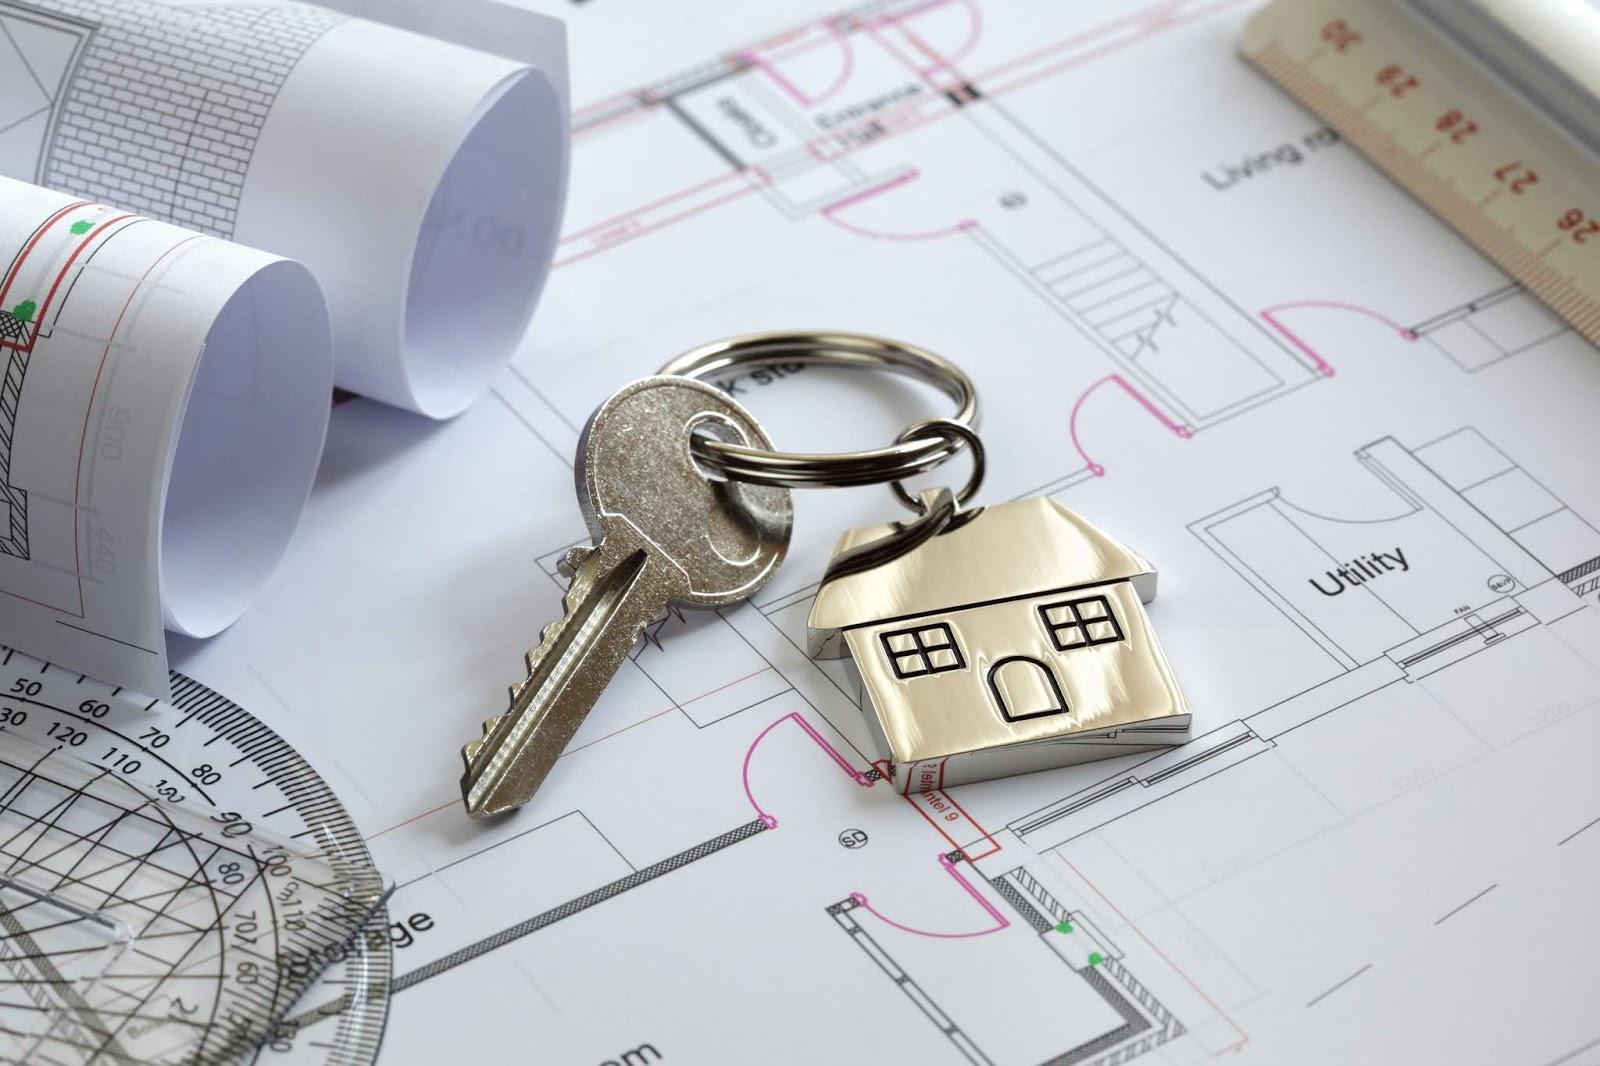 Projekty tanich domów - jak kontrolować koszty budowy?